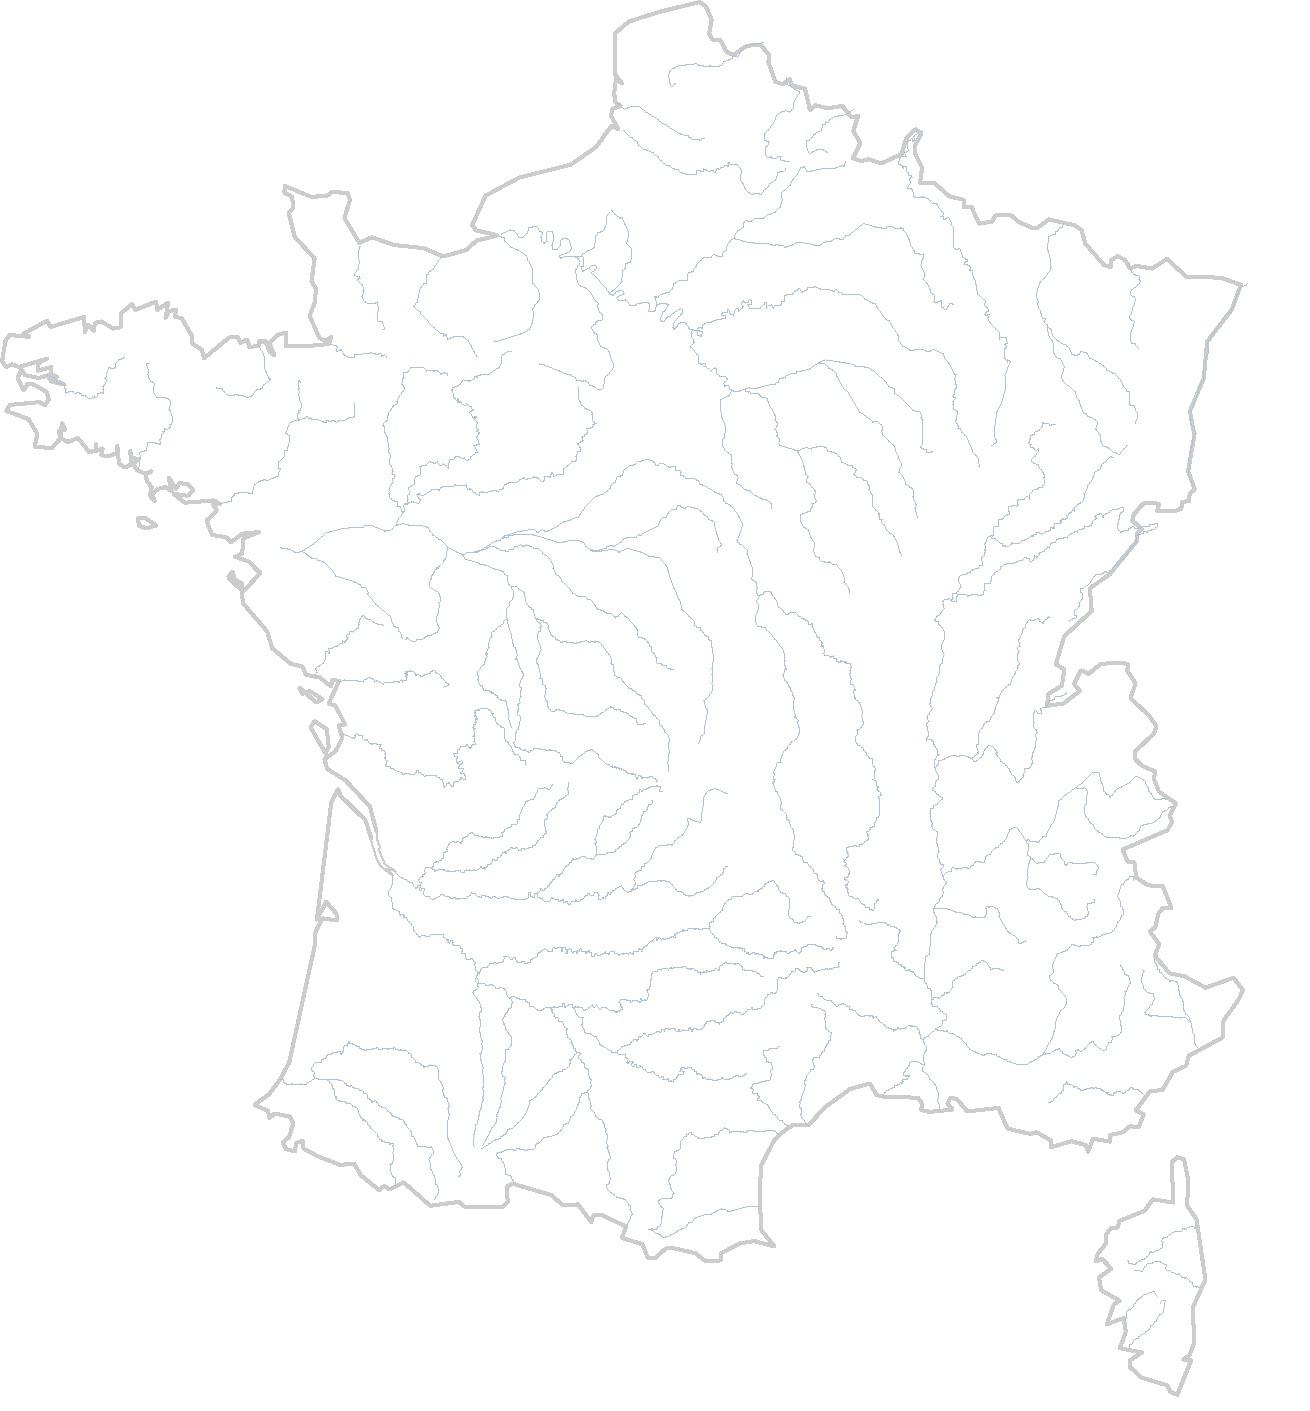 Cartes Muettes De La France À Imprimer - Chroniques dedans Carte De France Departement À Imprimer